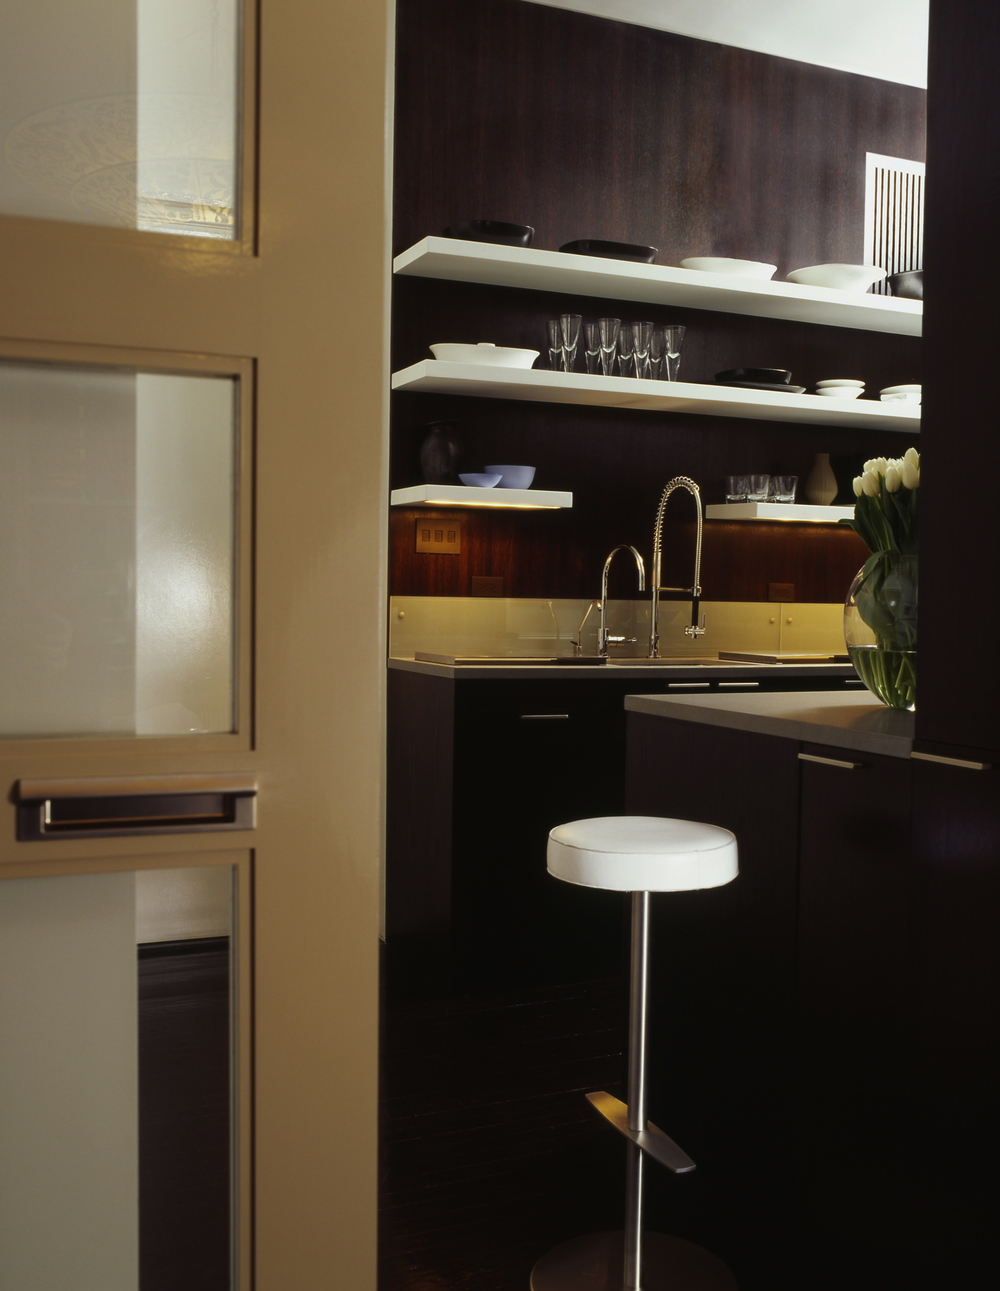 kirsch kitchen jpeg.jpg